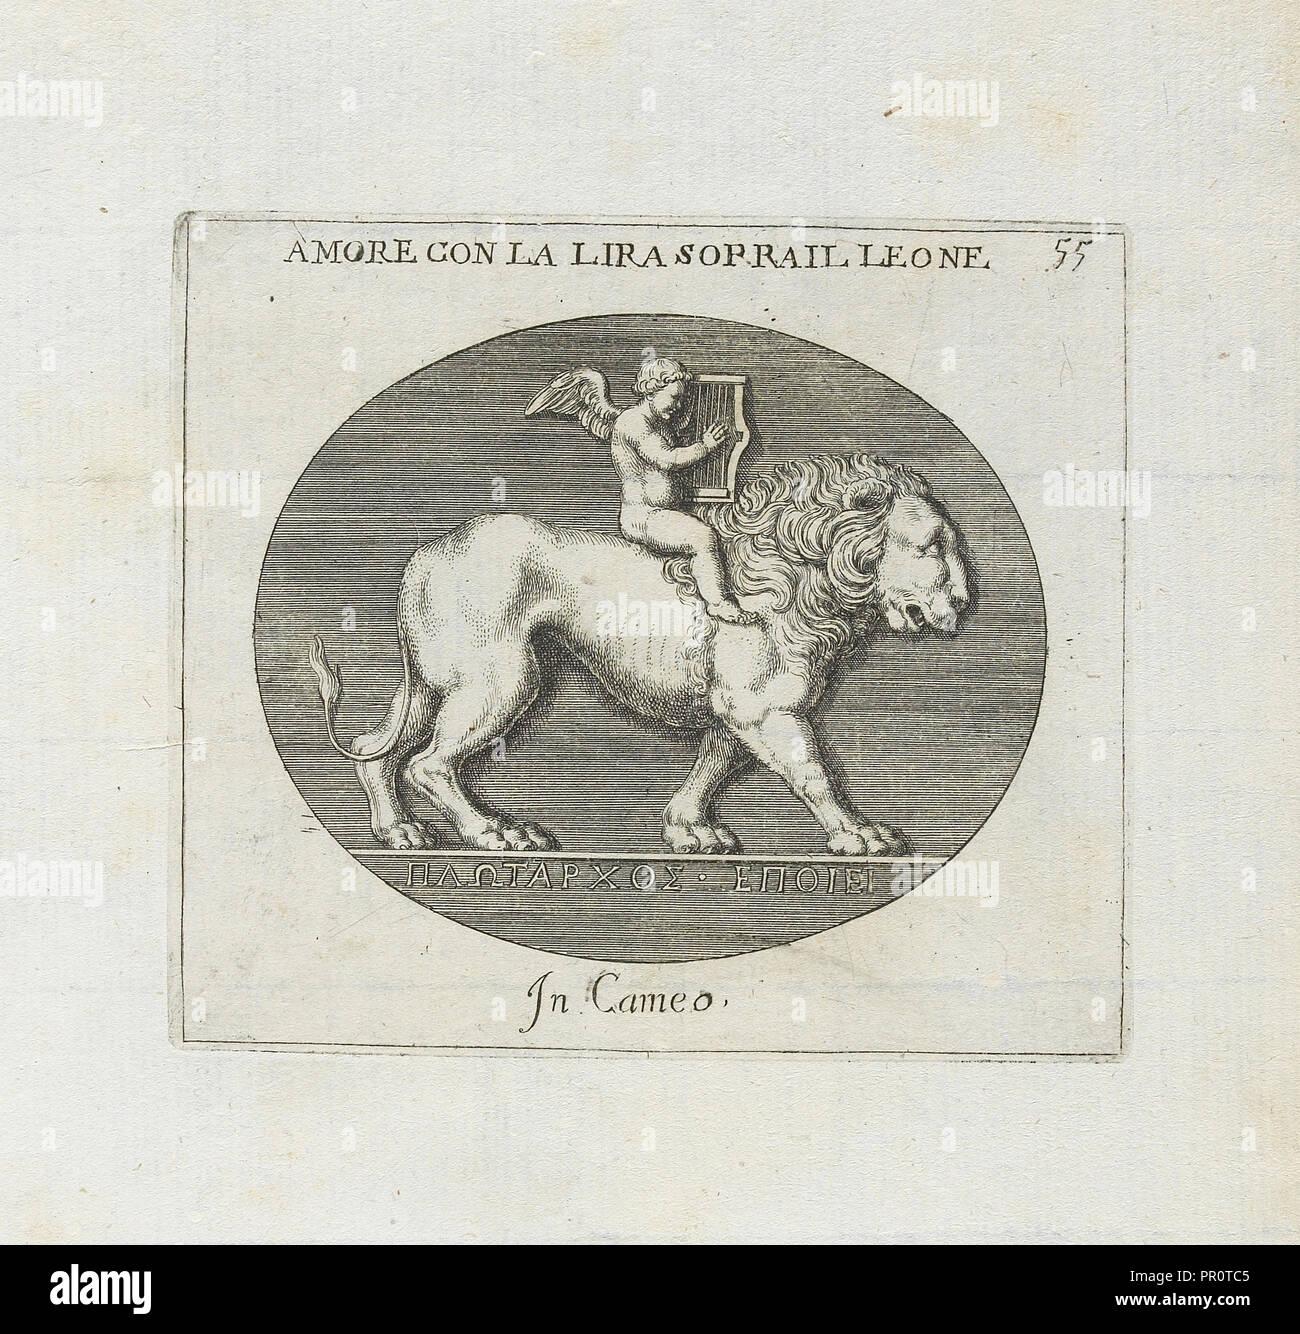 Amore Con La Lira Sorrail Leone: In Cameo, Le gemme antiche figurate, Agostini, Leonardo, 1593-ca. 1670, Bellori, Giovanni - Stock Image